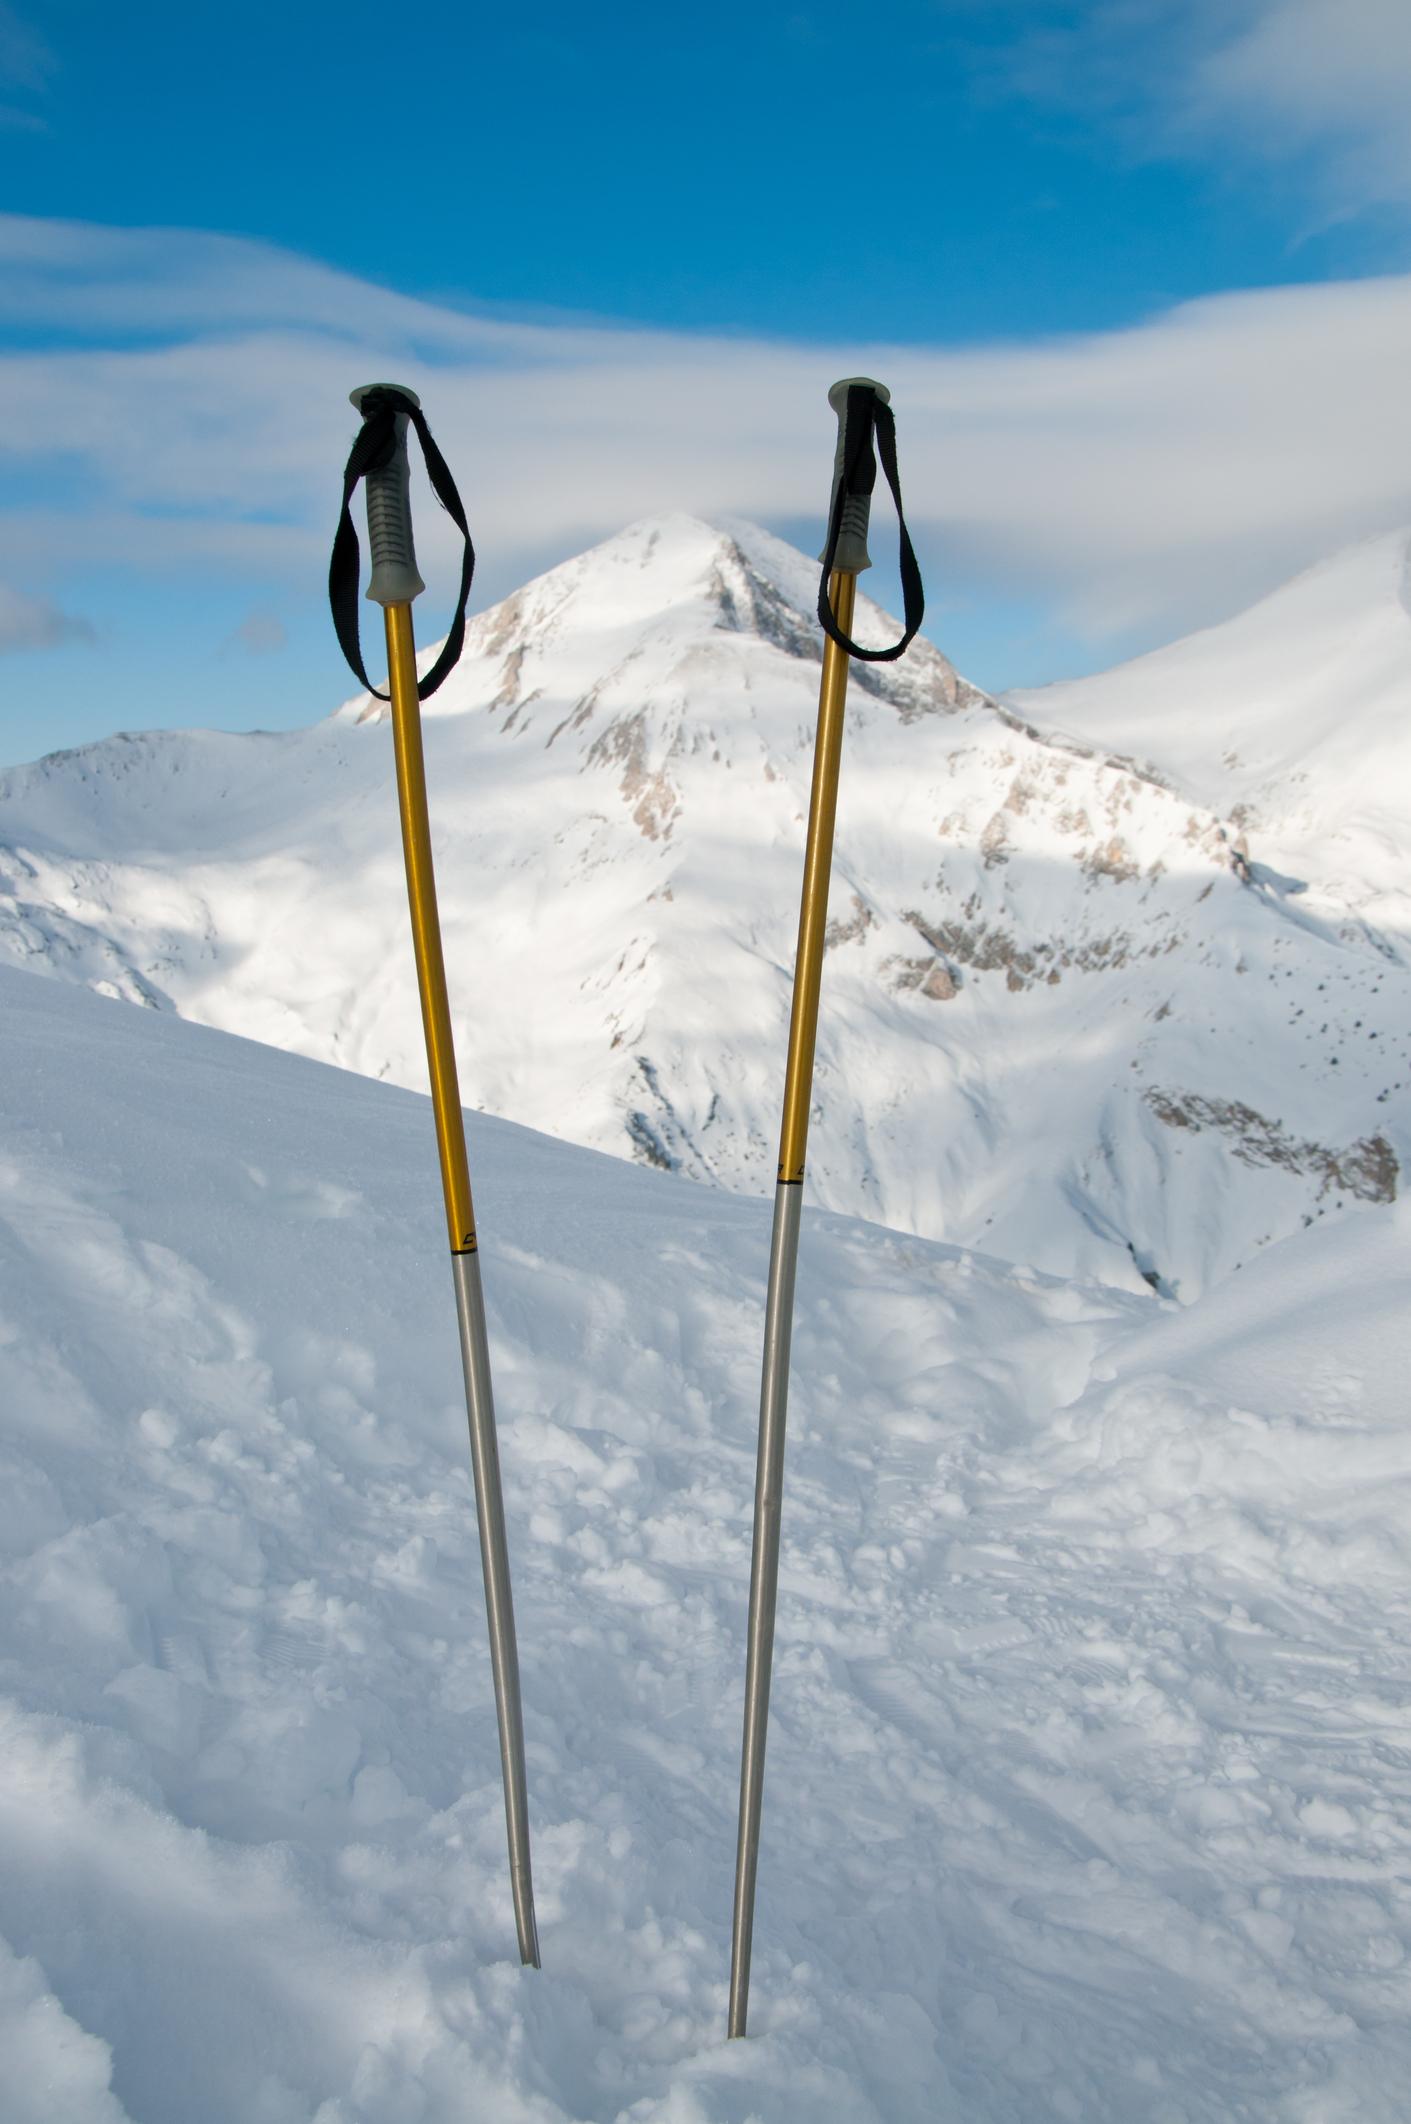 image Comment choisir des bâtons de ski de la bonne longueur ?